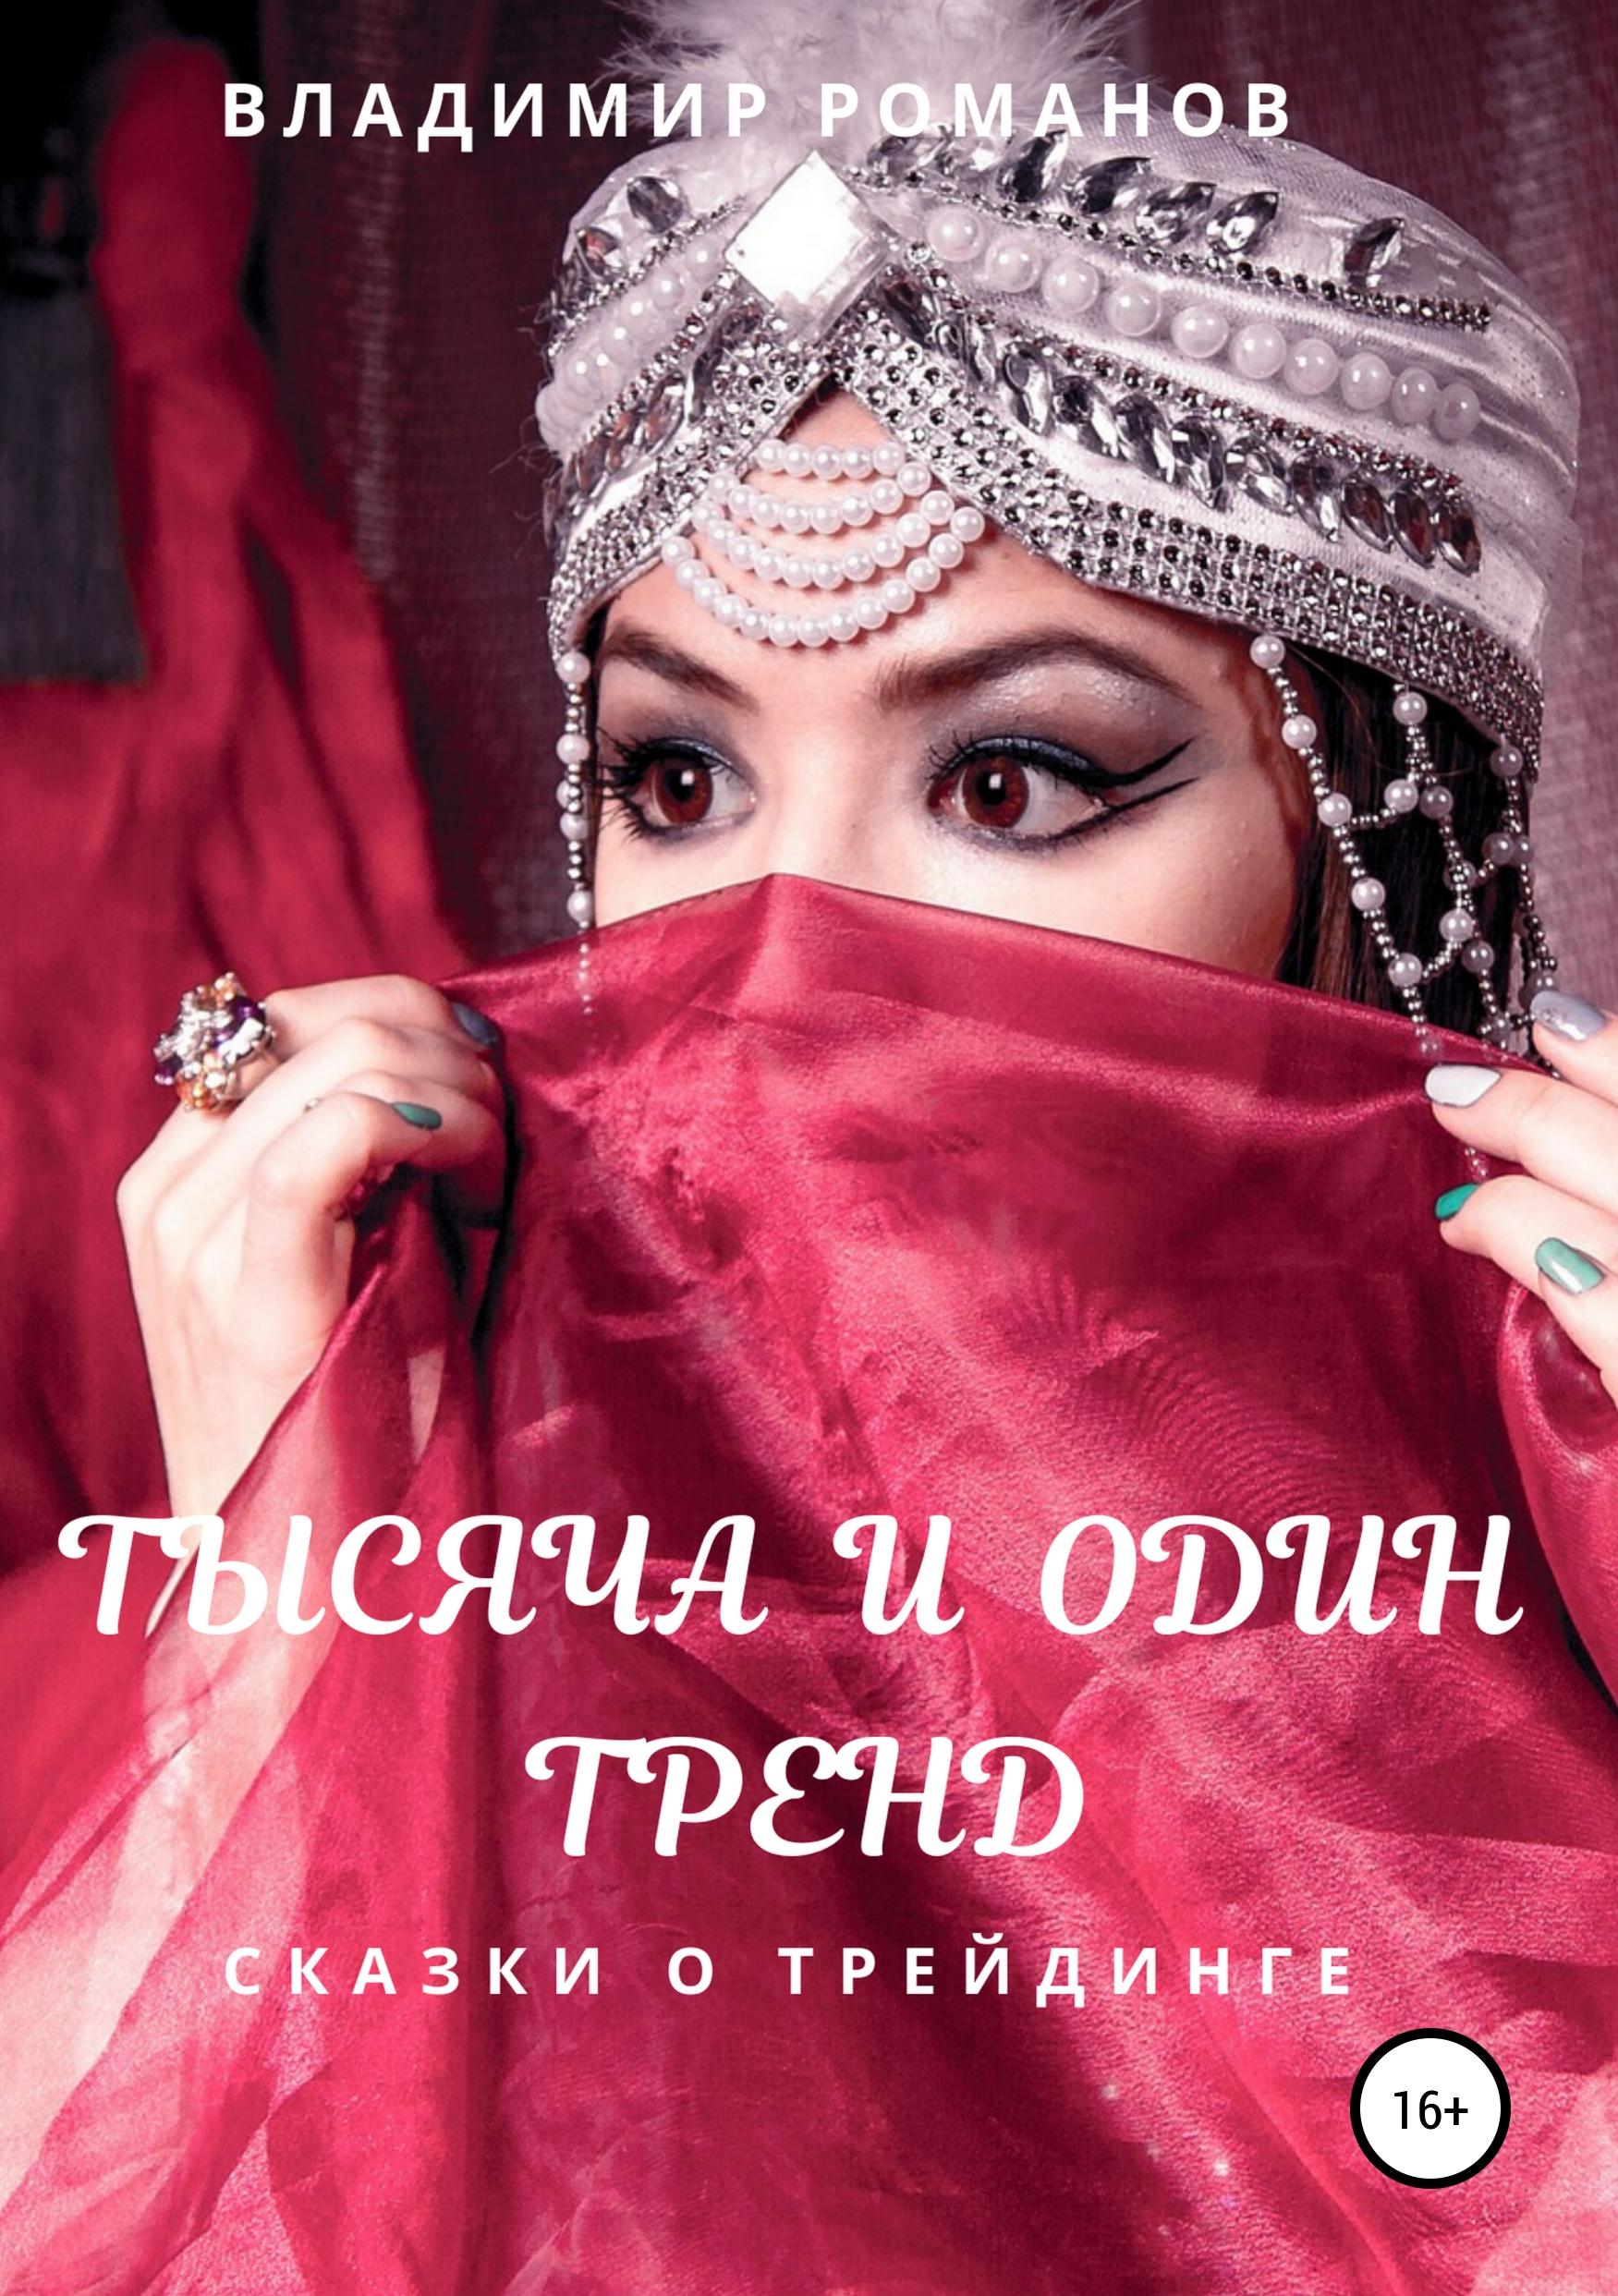 Обложка книги. Автор - Владимир Романов